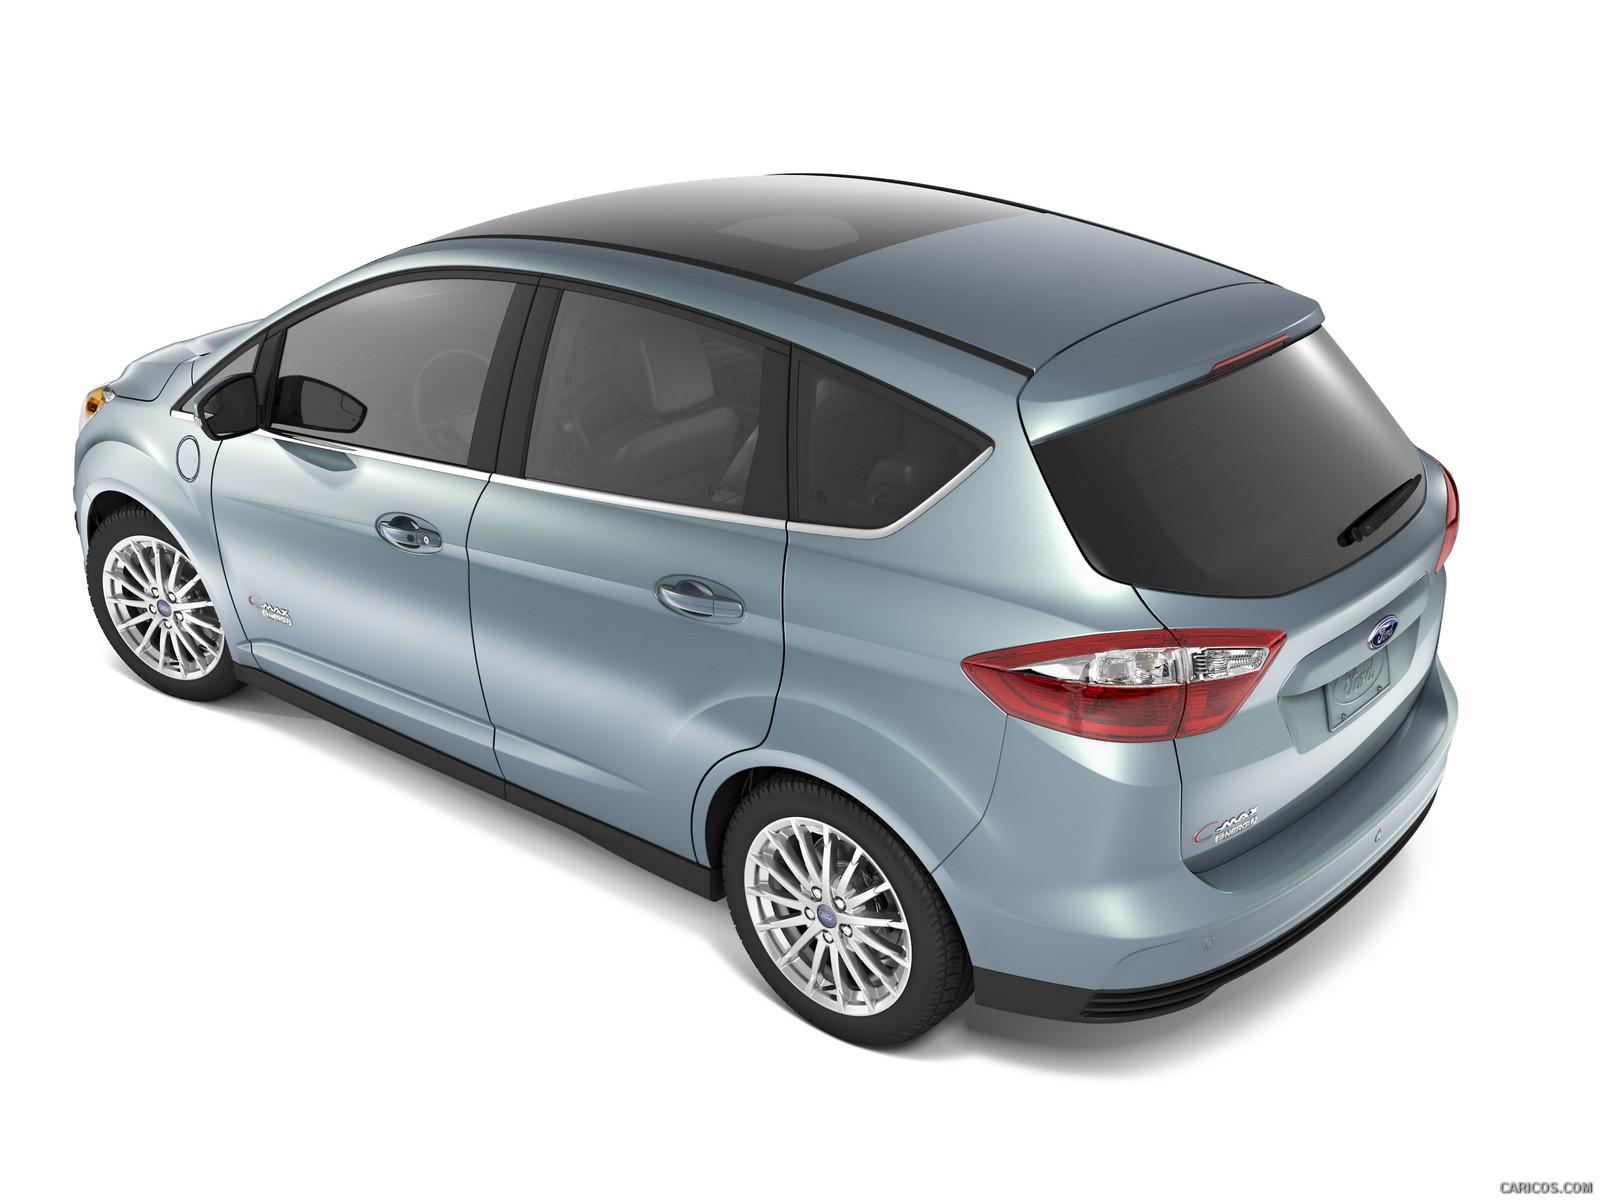 Ford C-Max Hybrid Review - Edmunds.com